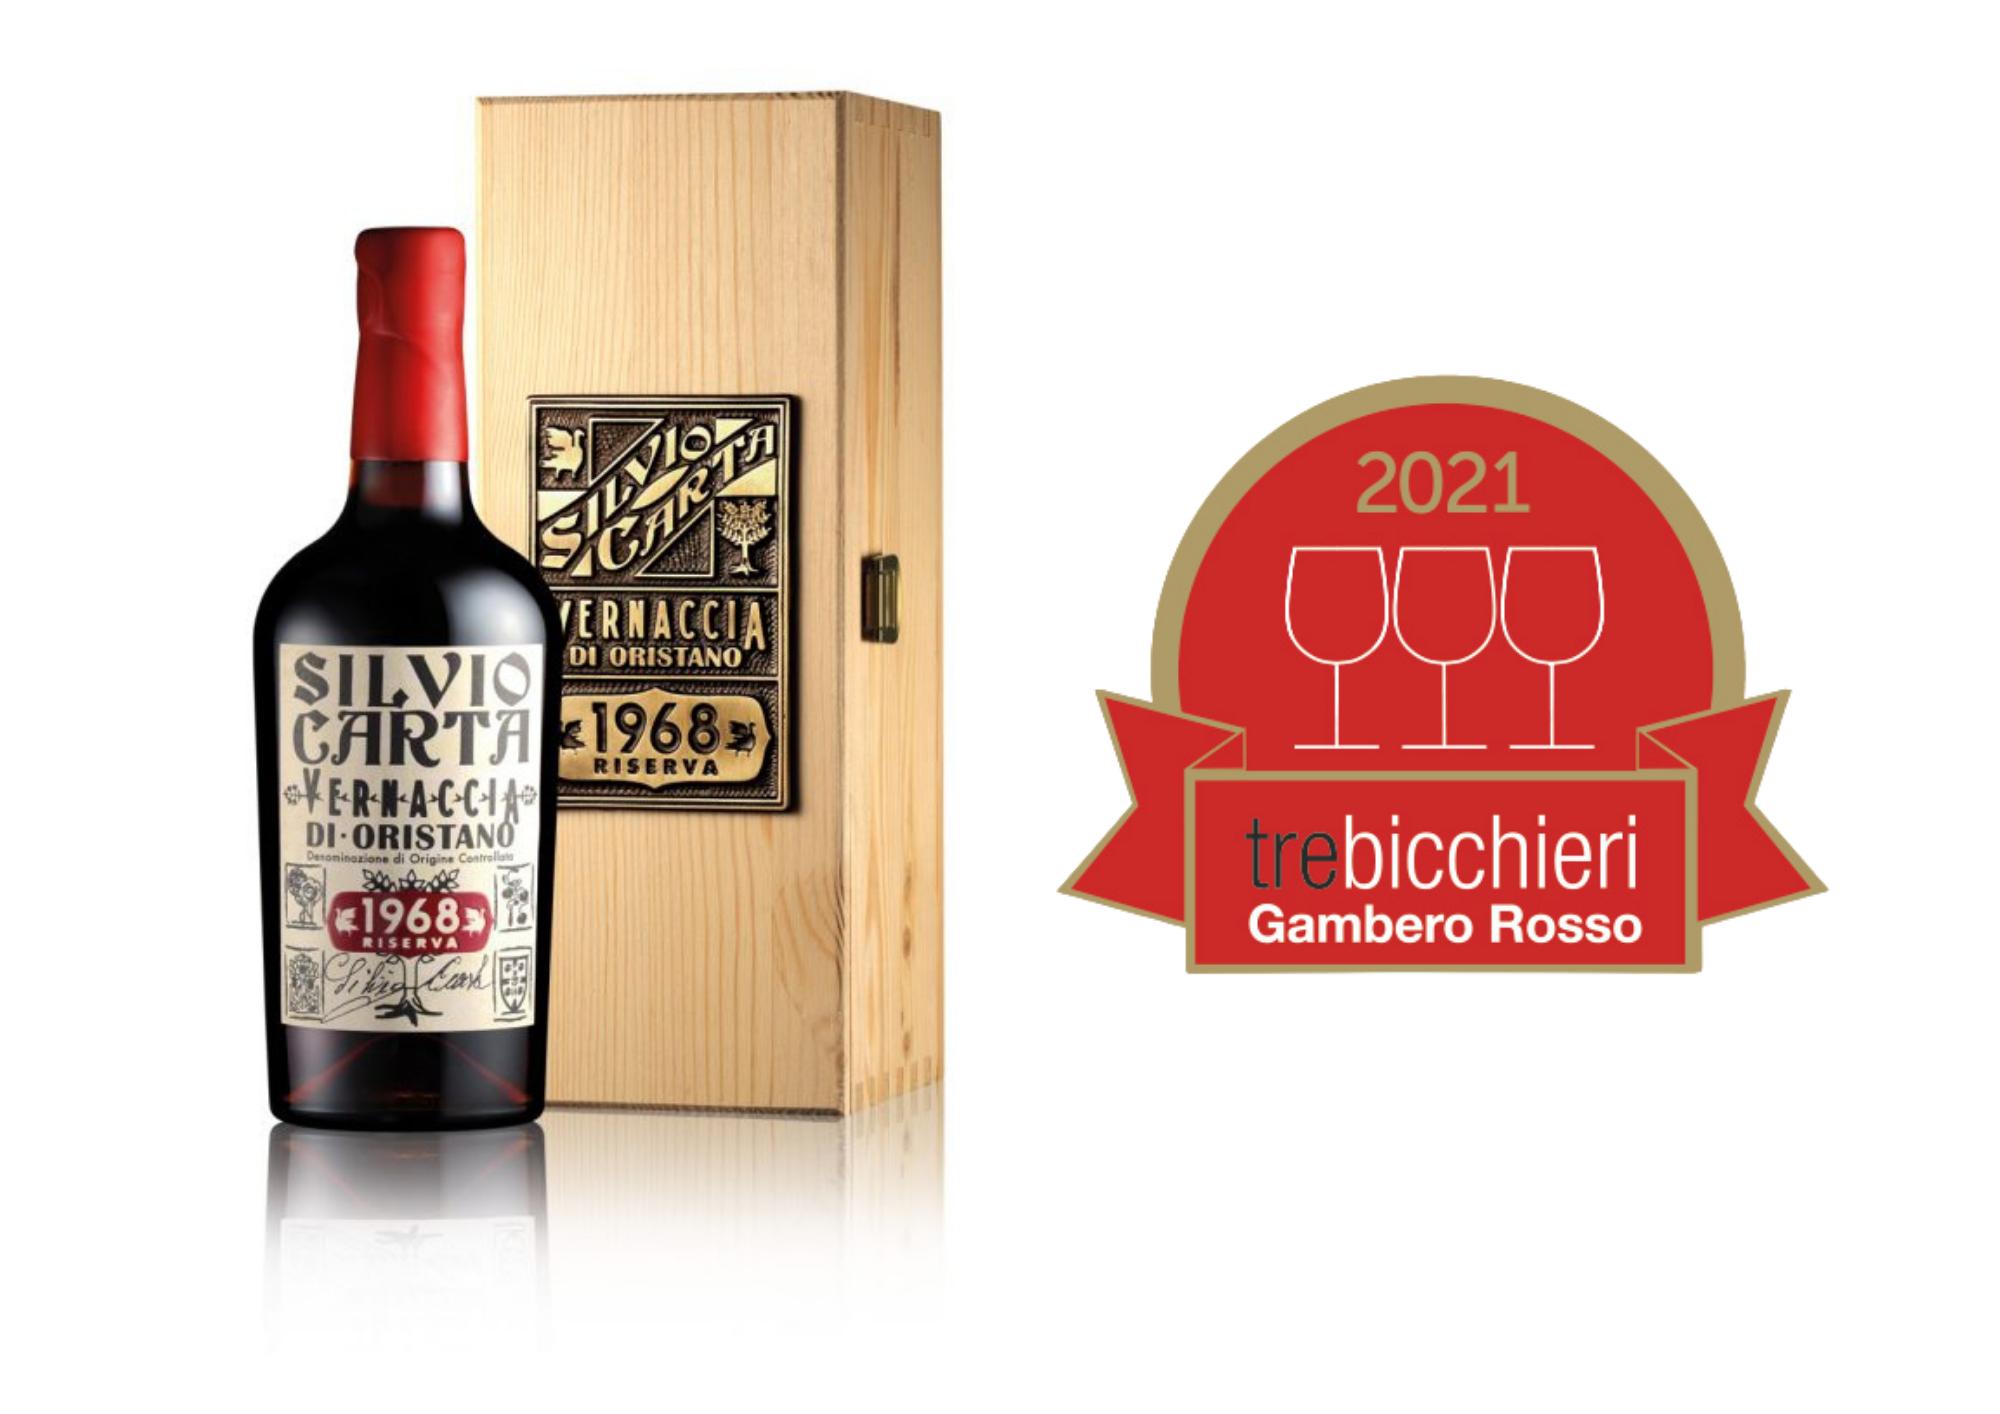 Gambero Rosso 2021: the 1968 Vernaccia di Oristano Doc Riserva is Tre Bicchieri